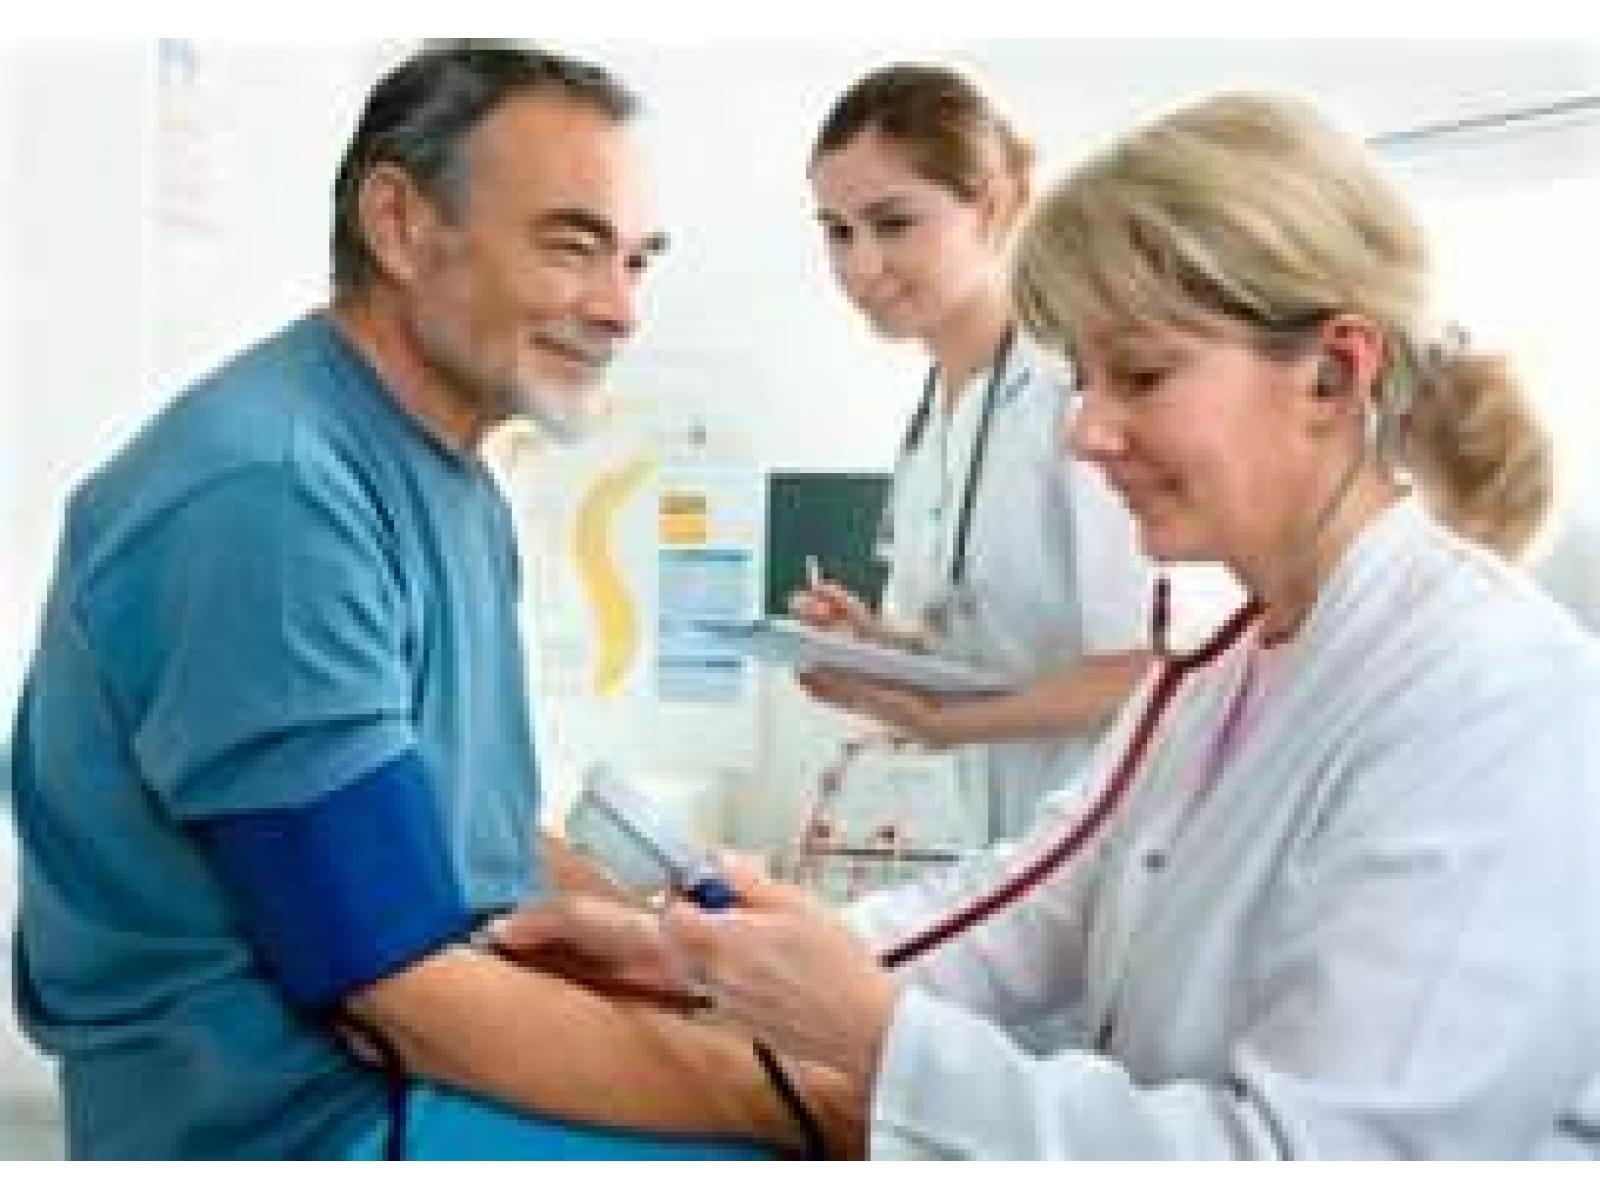 CMI Medicina Muncii 0723 64 63 01 - medical_10.jpg